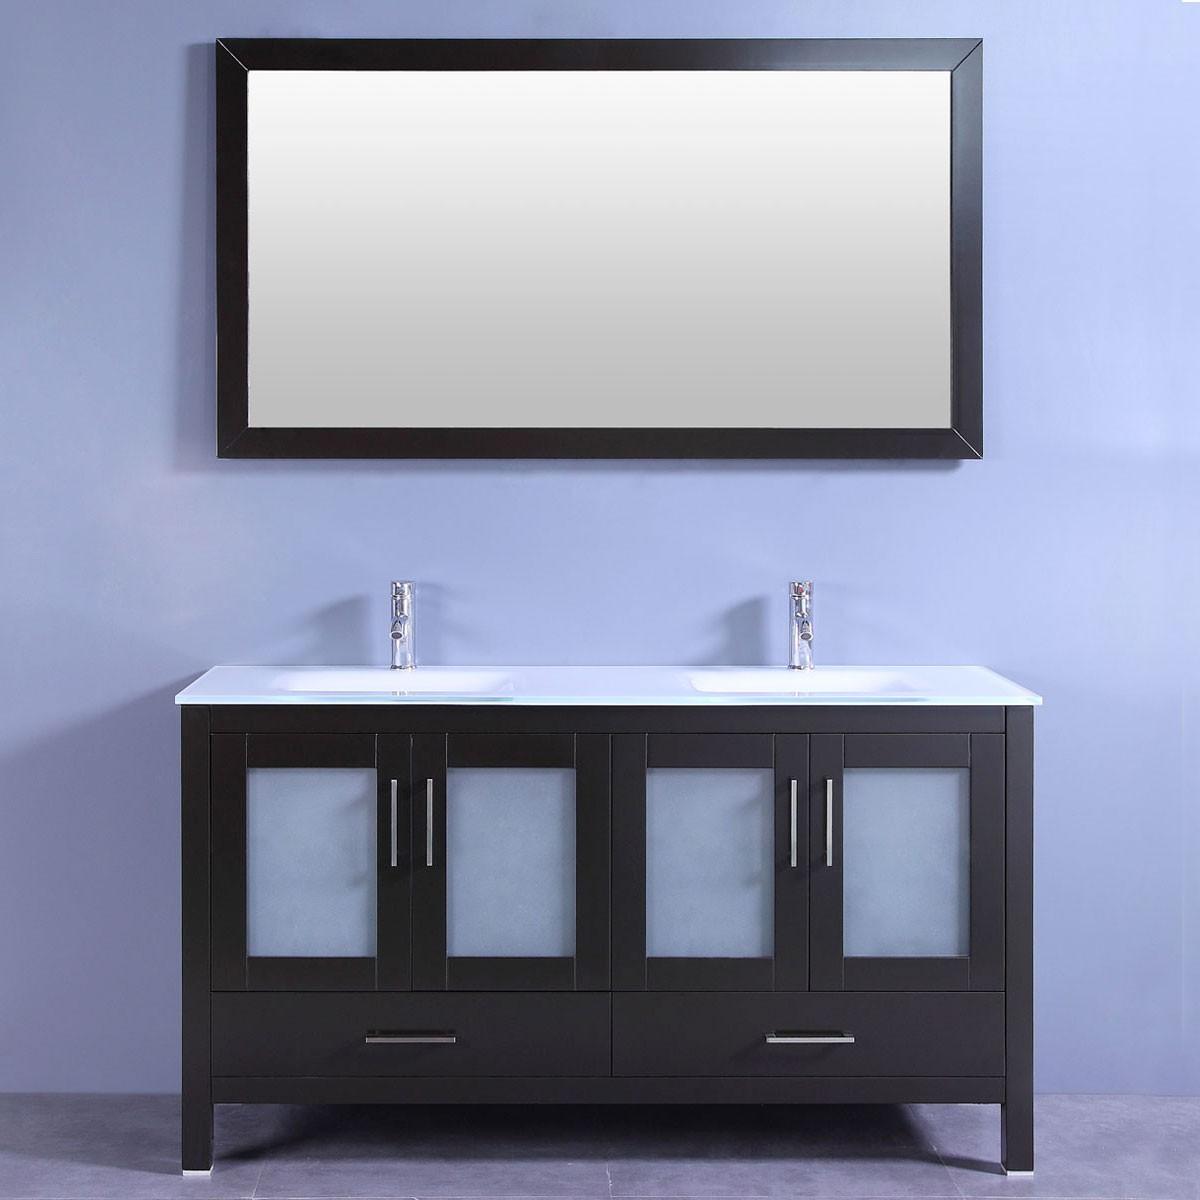 100 meuble salle bain avec miroir meuble salle bain for Miroir lyrics